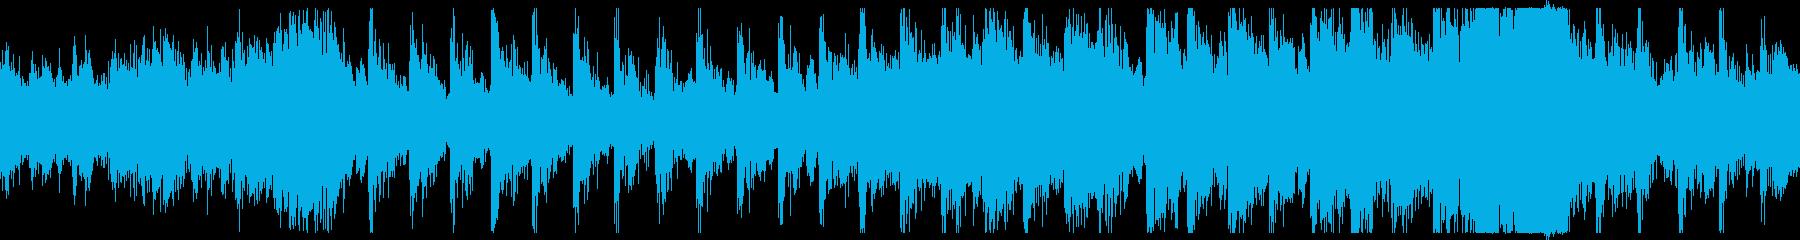 不穏・戦闘のBGM用オーケストラ曲ループの再生済みの波形